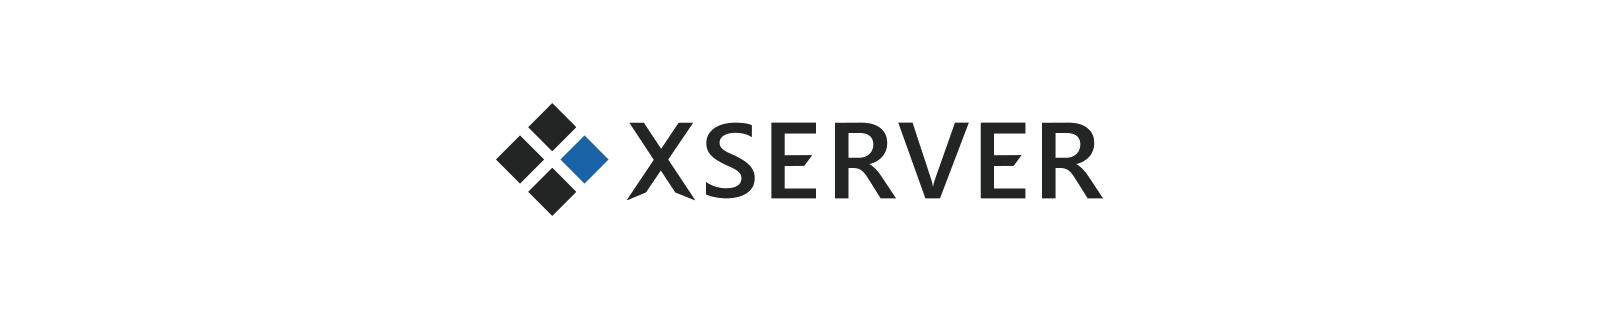 エックスサーバー